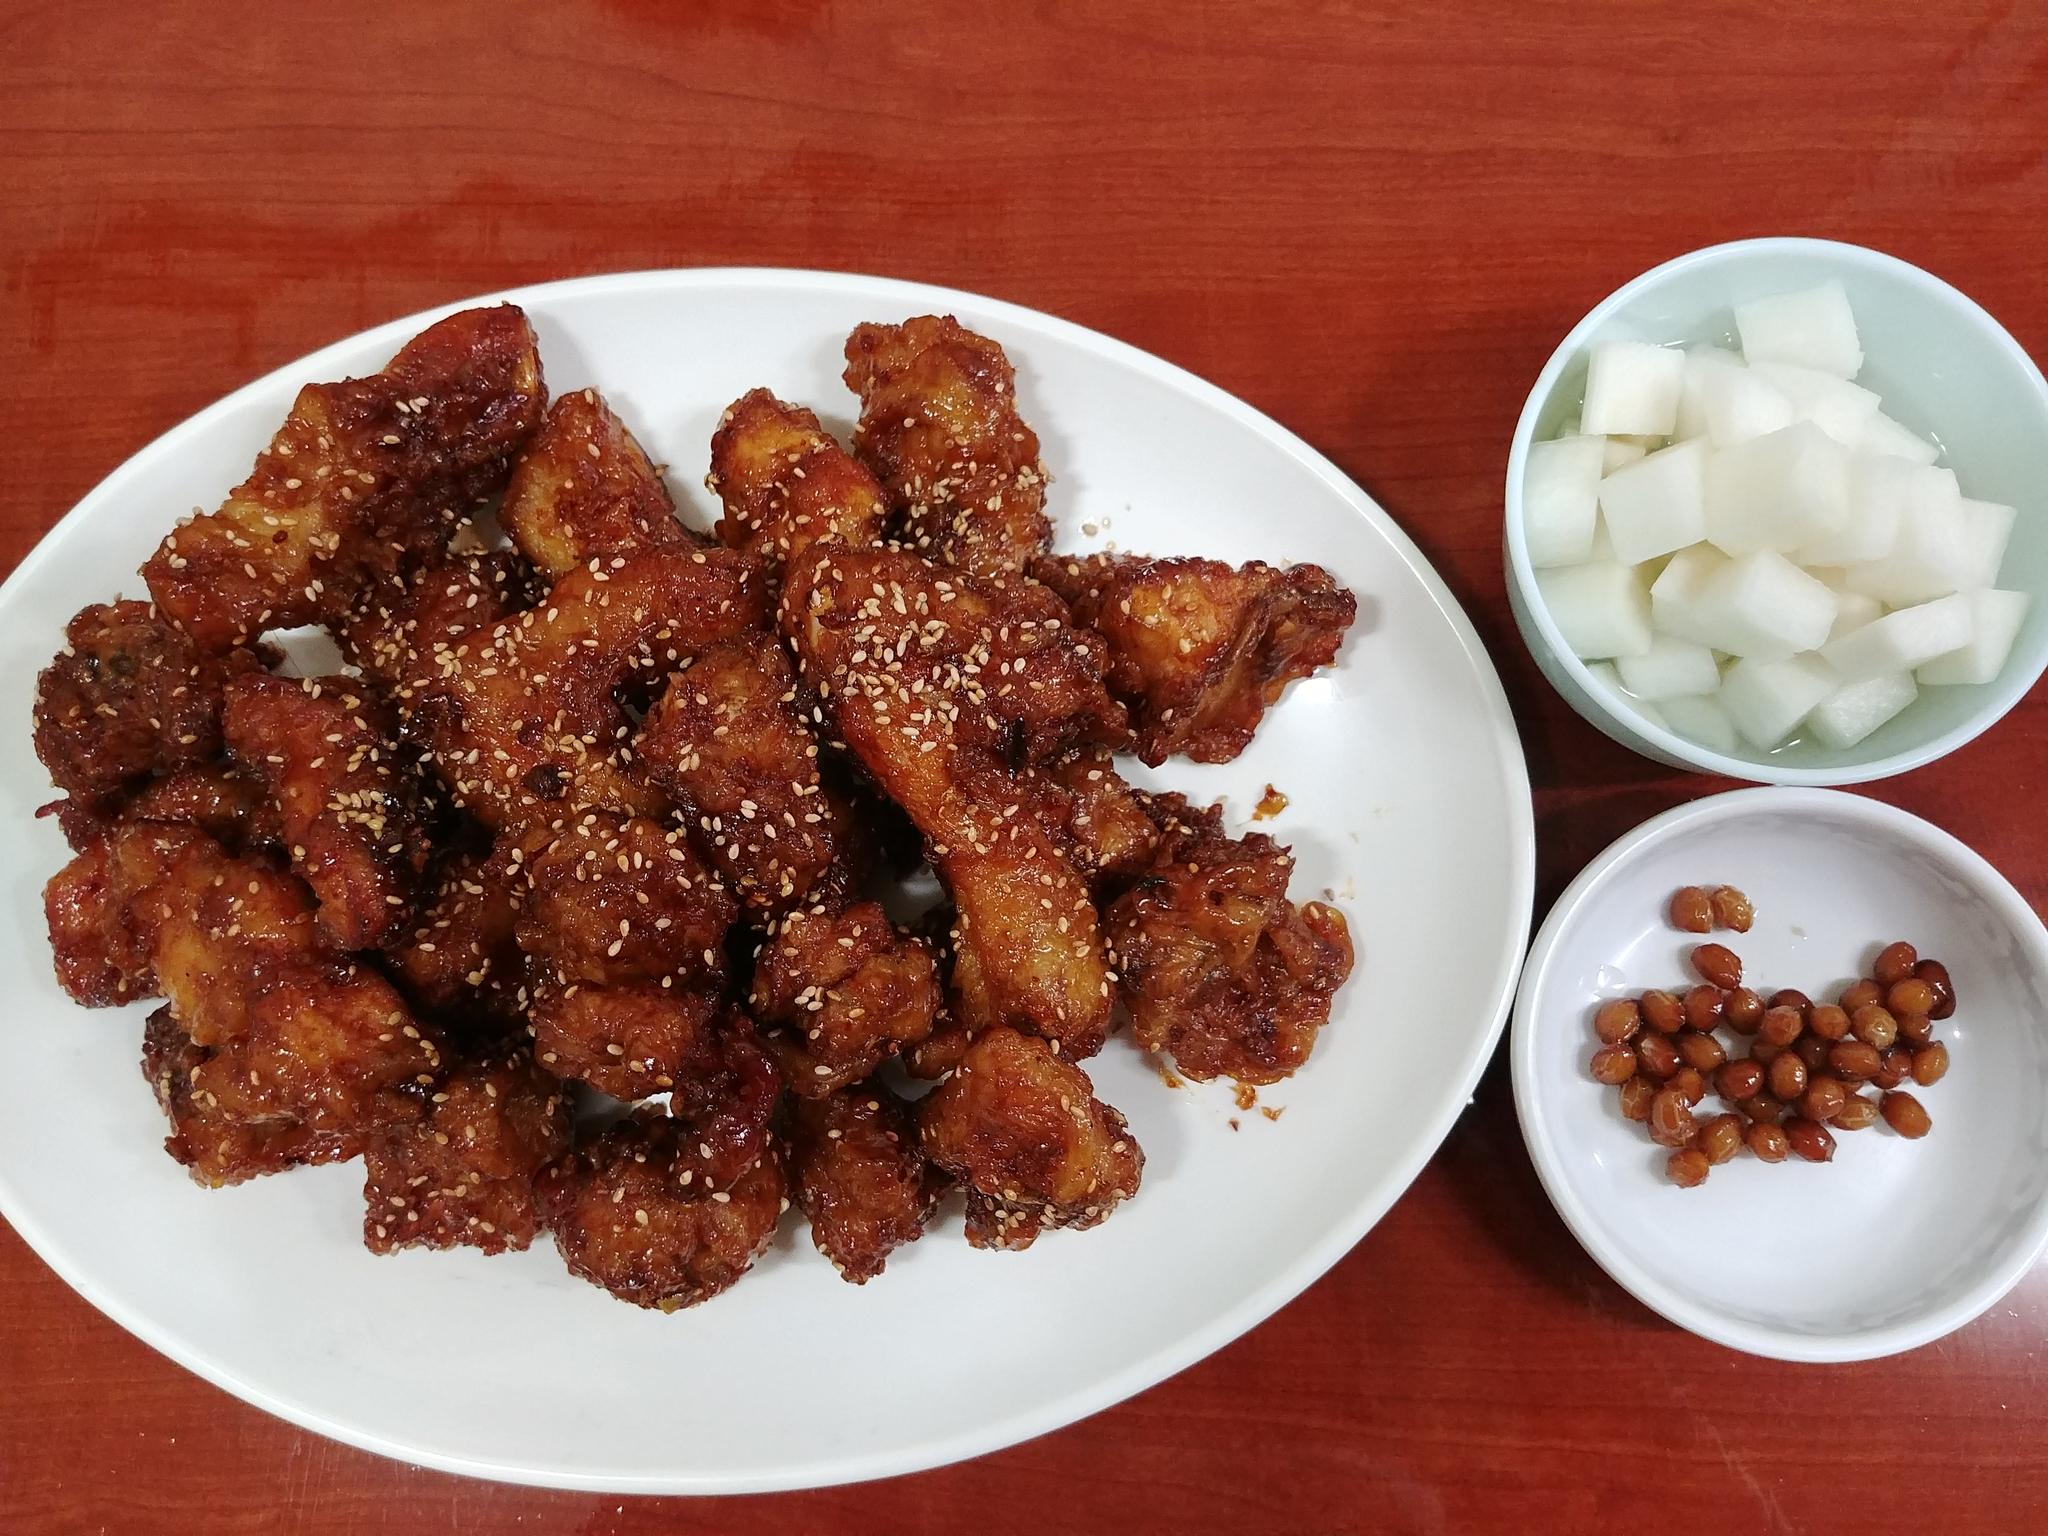 뉴욕 통닭은 하루 닭 80마리만 튀긴다. 양념 치킨이 유명하다. [사진 대구관광뷰로]